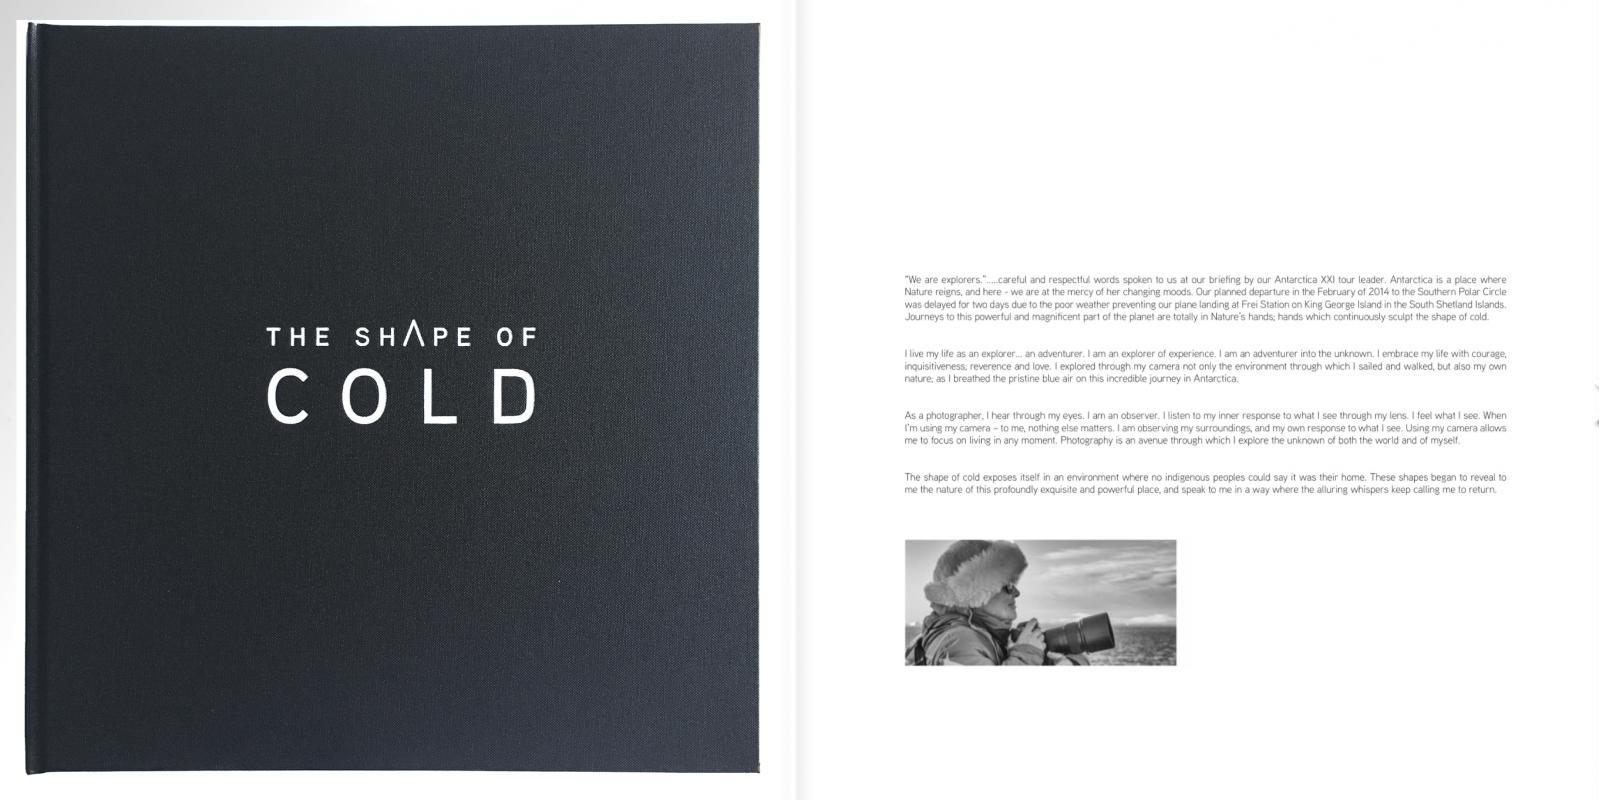 Форма холода, © Джули Стивенсон, Австралия, 2-е место в категории «Книга», любитель, Токийский фотоконкурс 2018 — TIFA